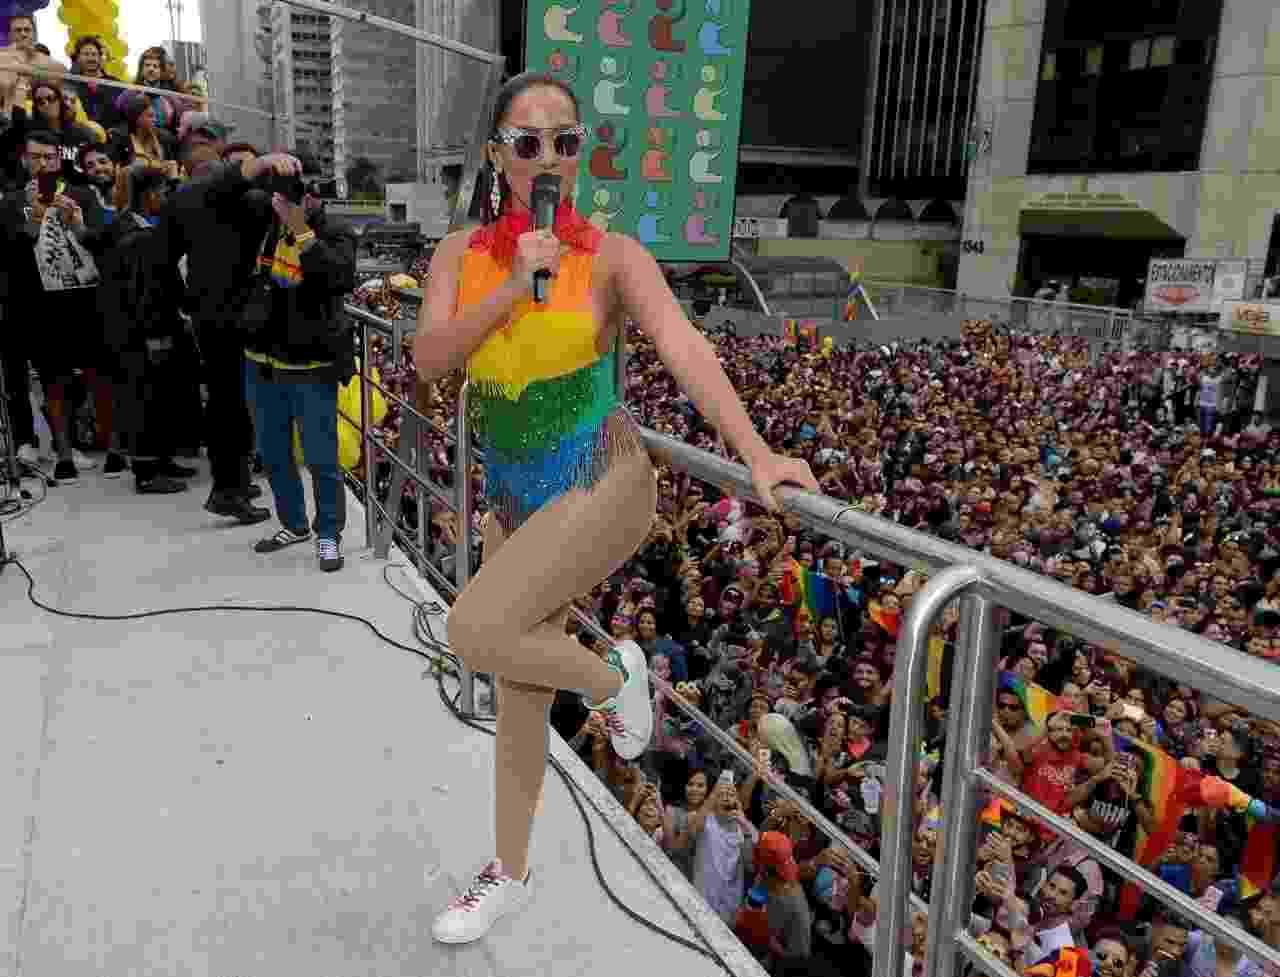 Com pop e sensualidade, cantora agitou os participantes da Parada do Orgulho LGBT - Francisco Cepeda/AgNews